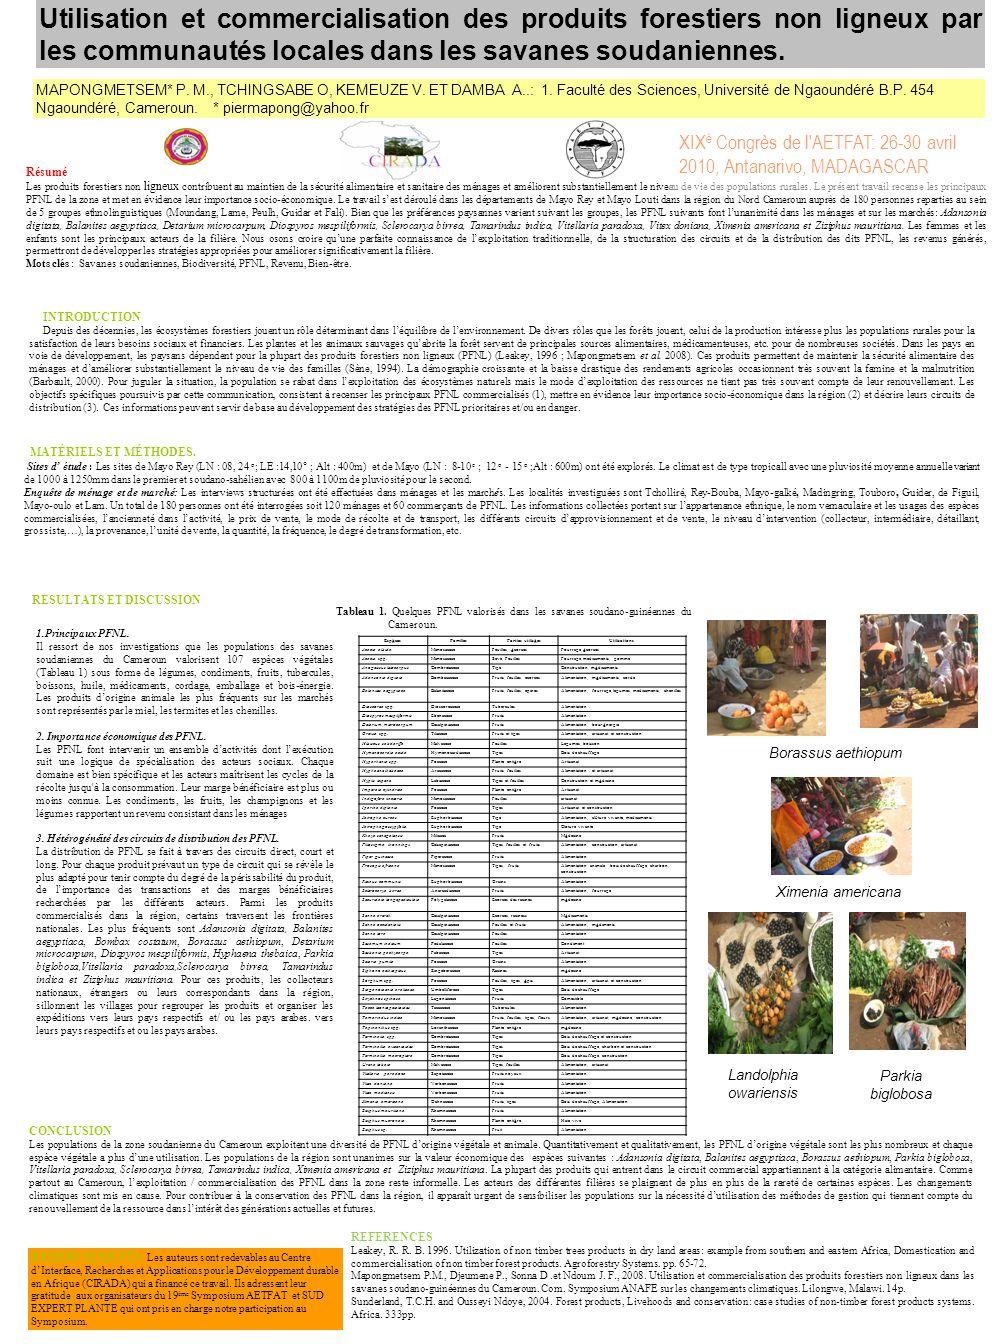 Utilisation et commercialisation des produits forestiers non ligneux par les communautés locales dans les savanes soudaniennes. MAPONGMETSEM* P. M., T